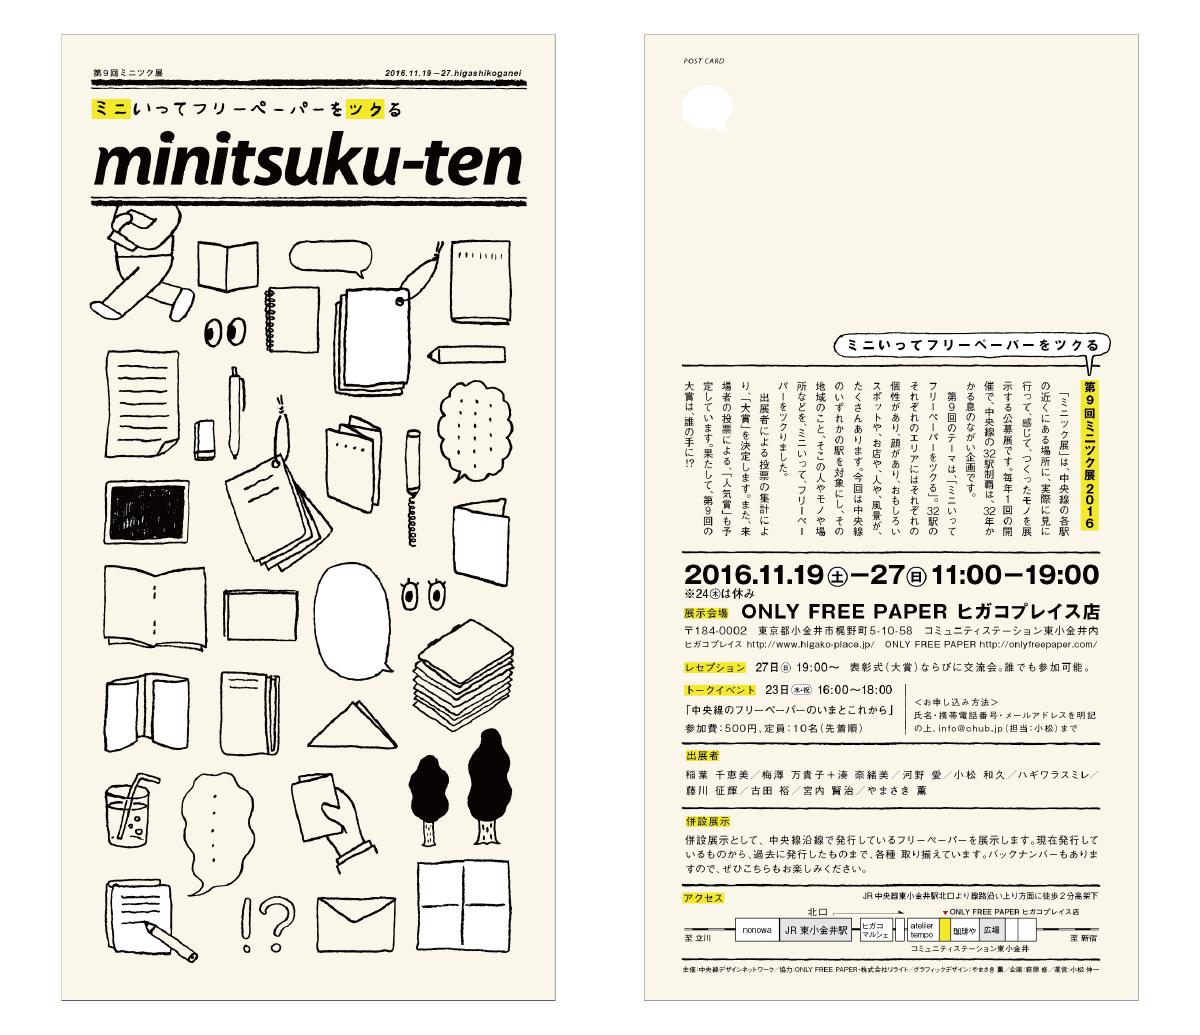 minitsuku